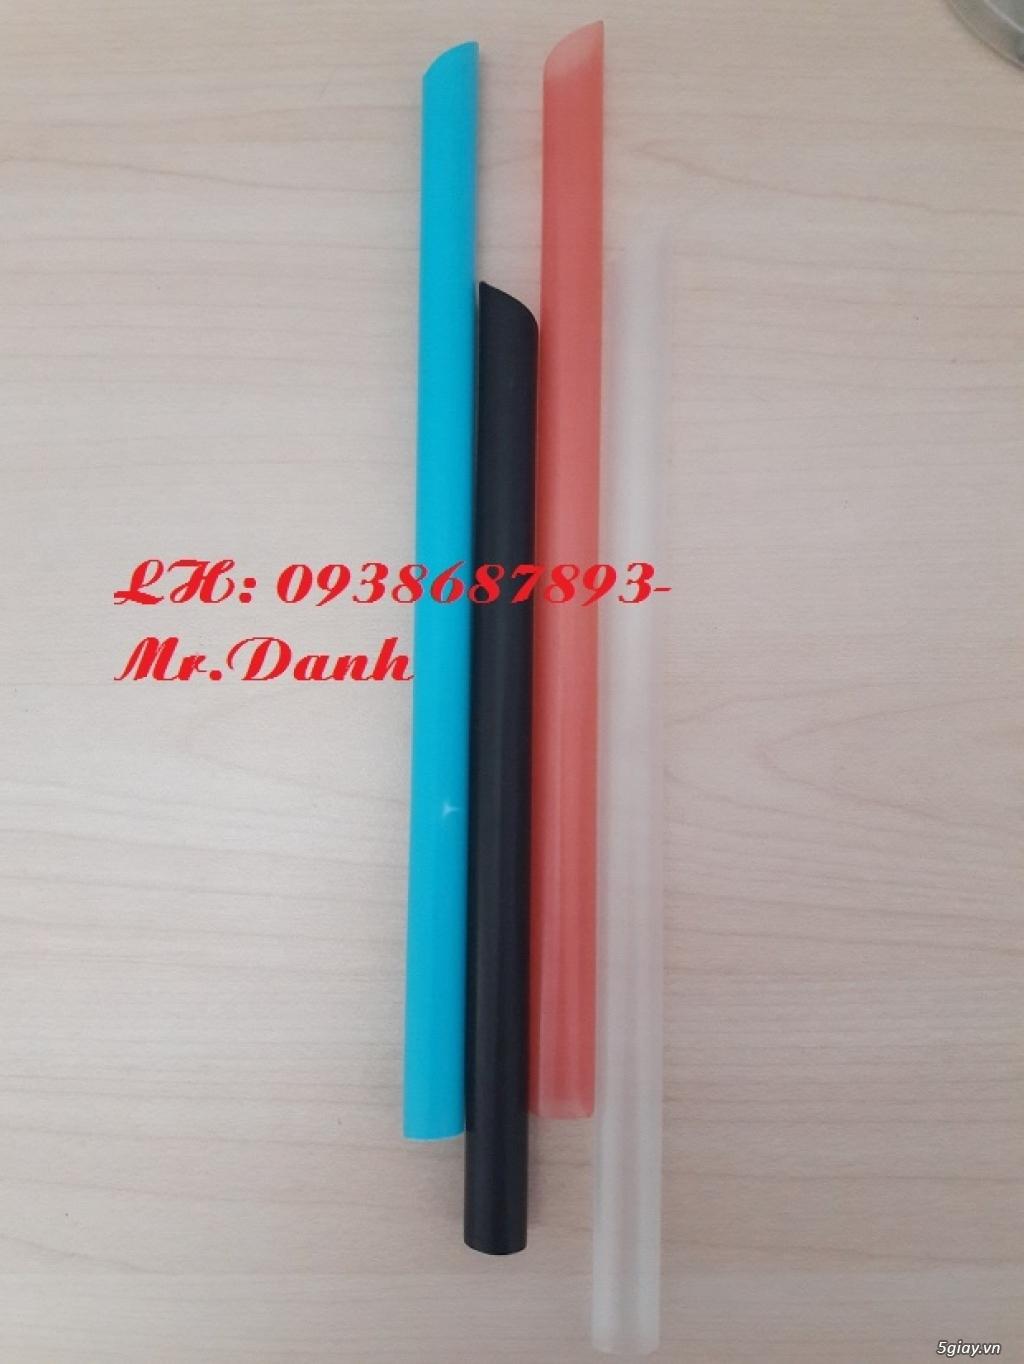 Sản xuất và cung cấp các loại ống hút nhựa - 4